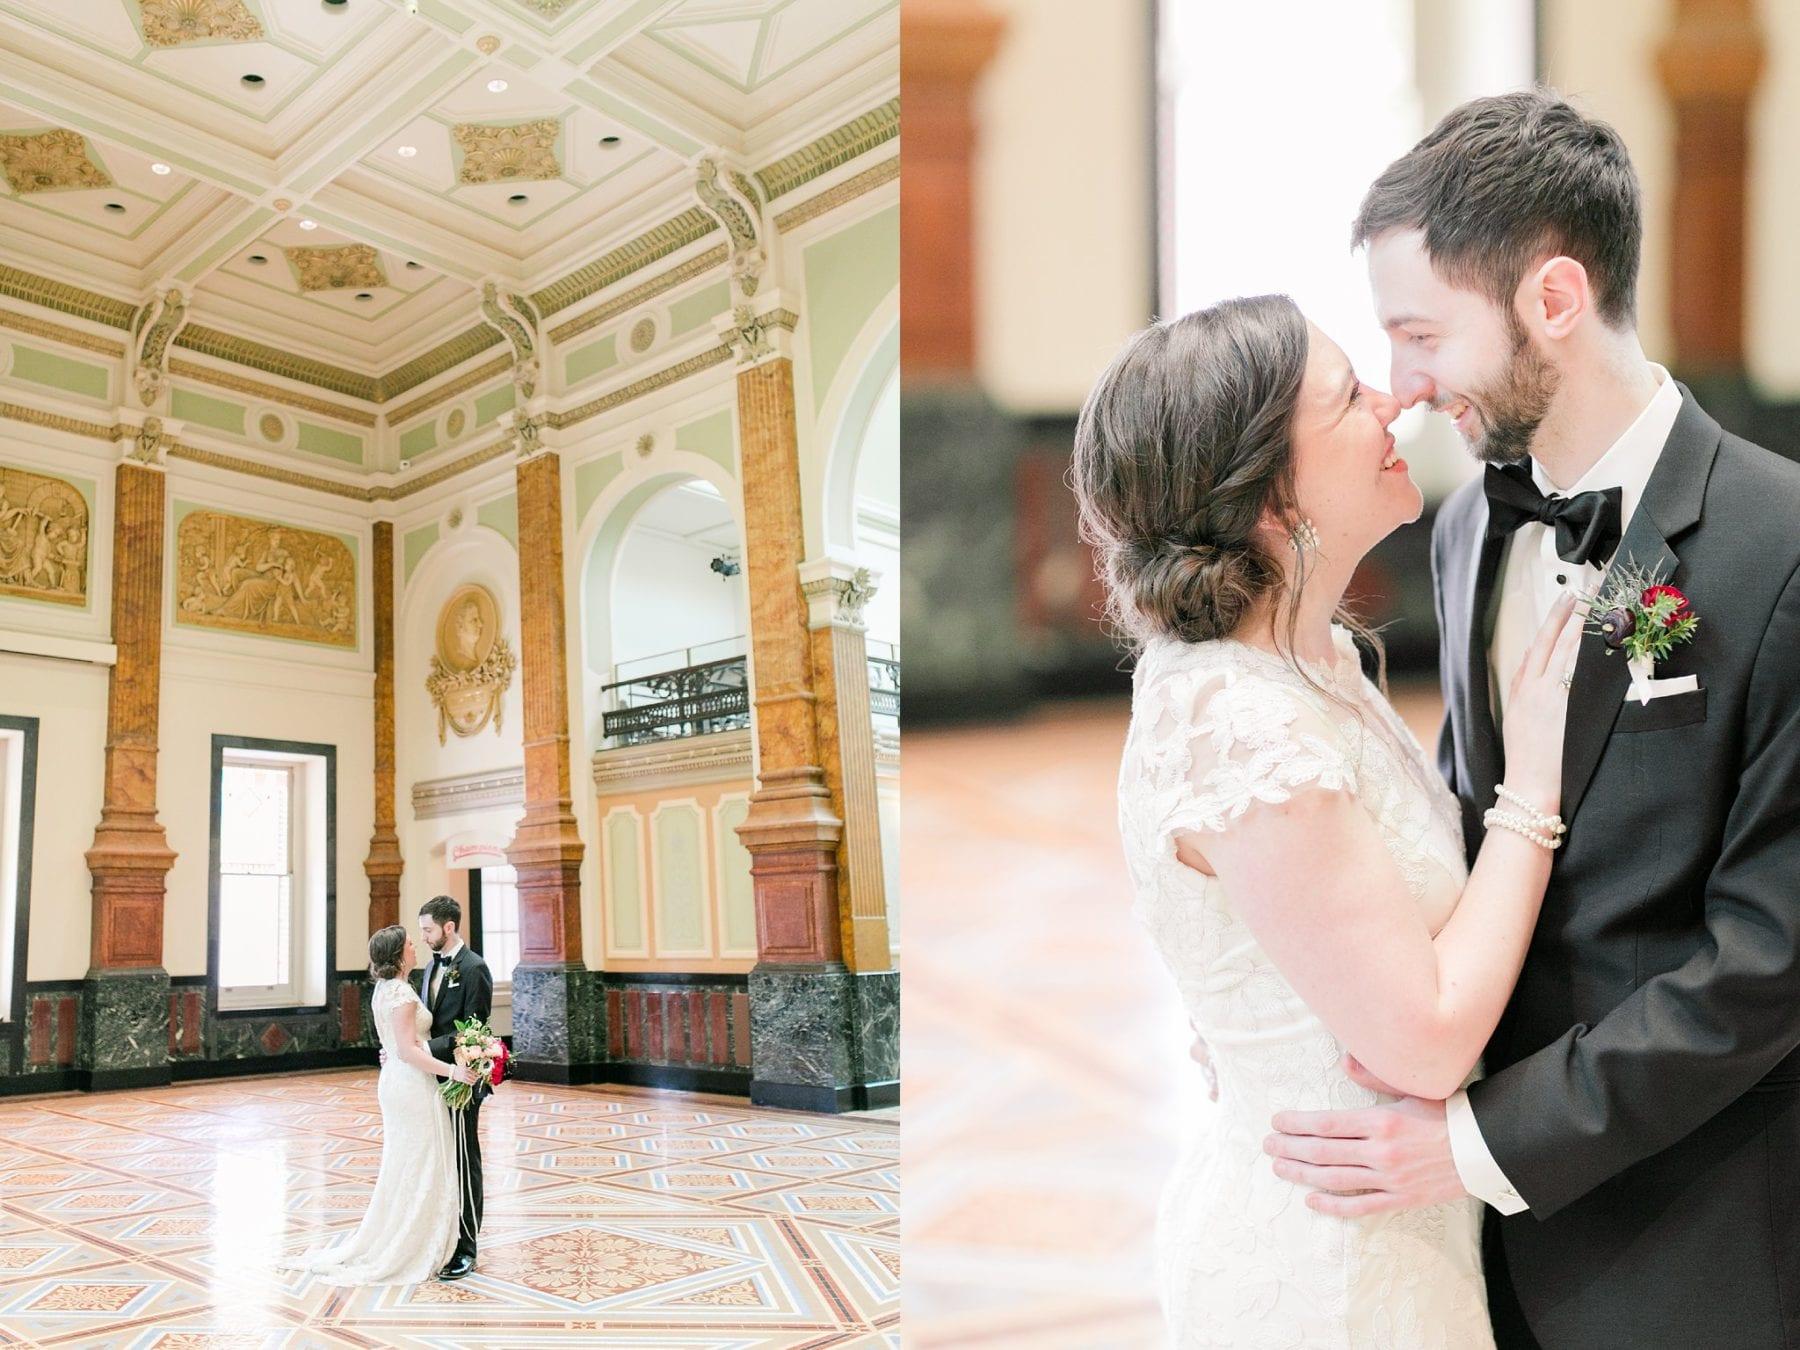 Hotel Monaco Washington DC Wedding Photos Megan Kelsey Photography Erin & Mike -142